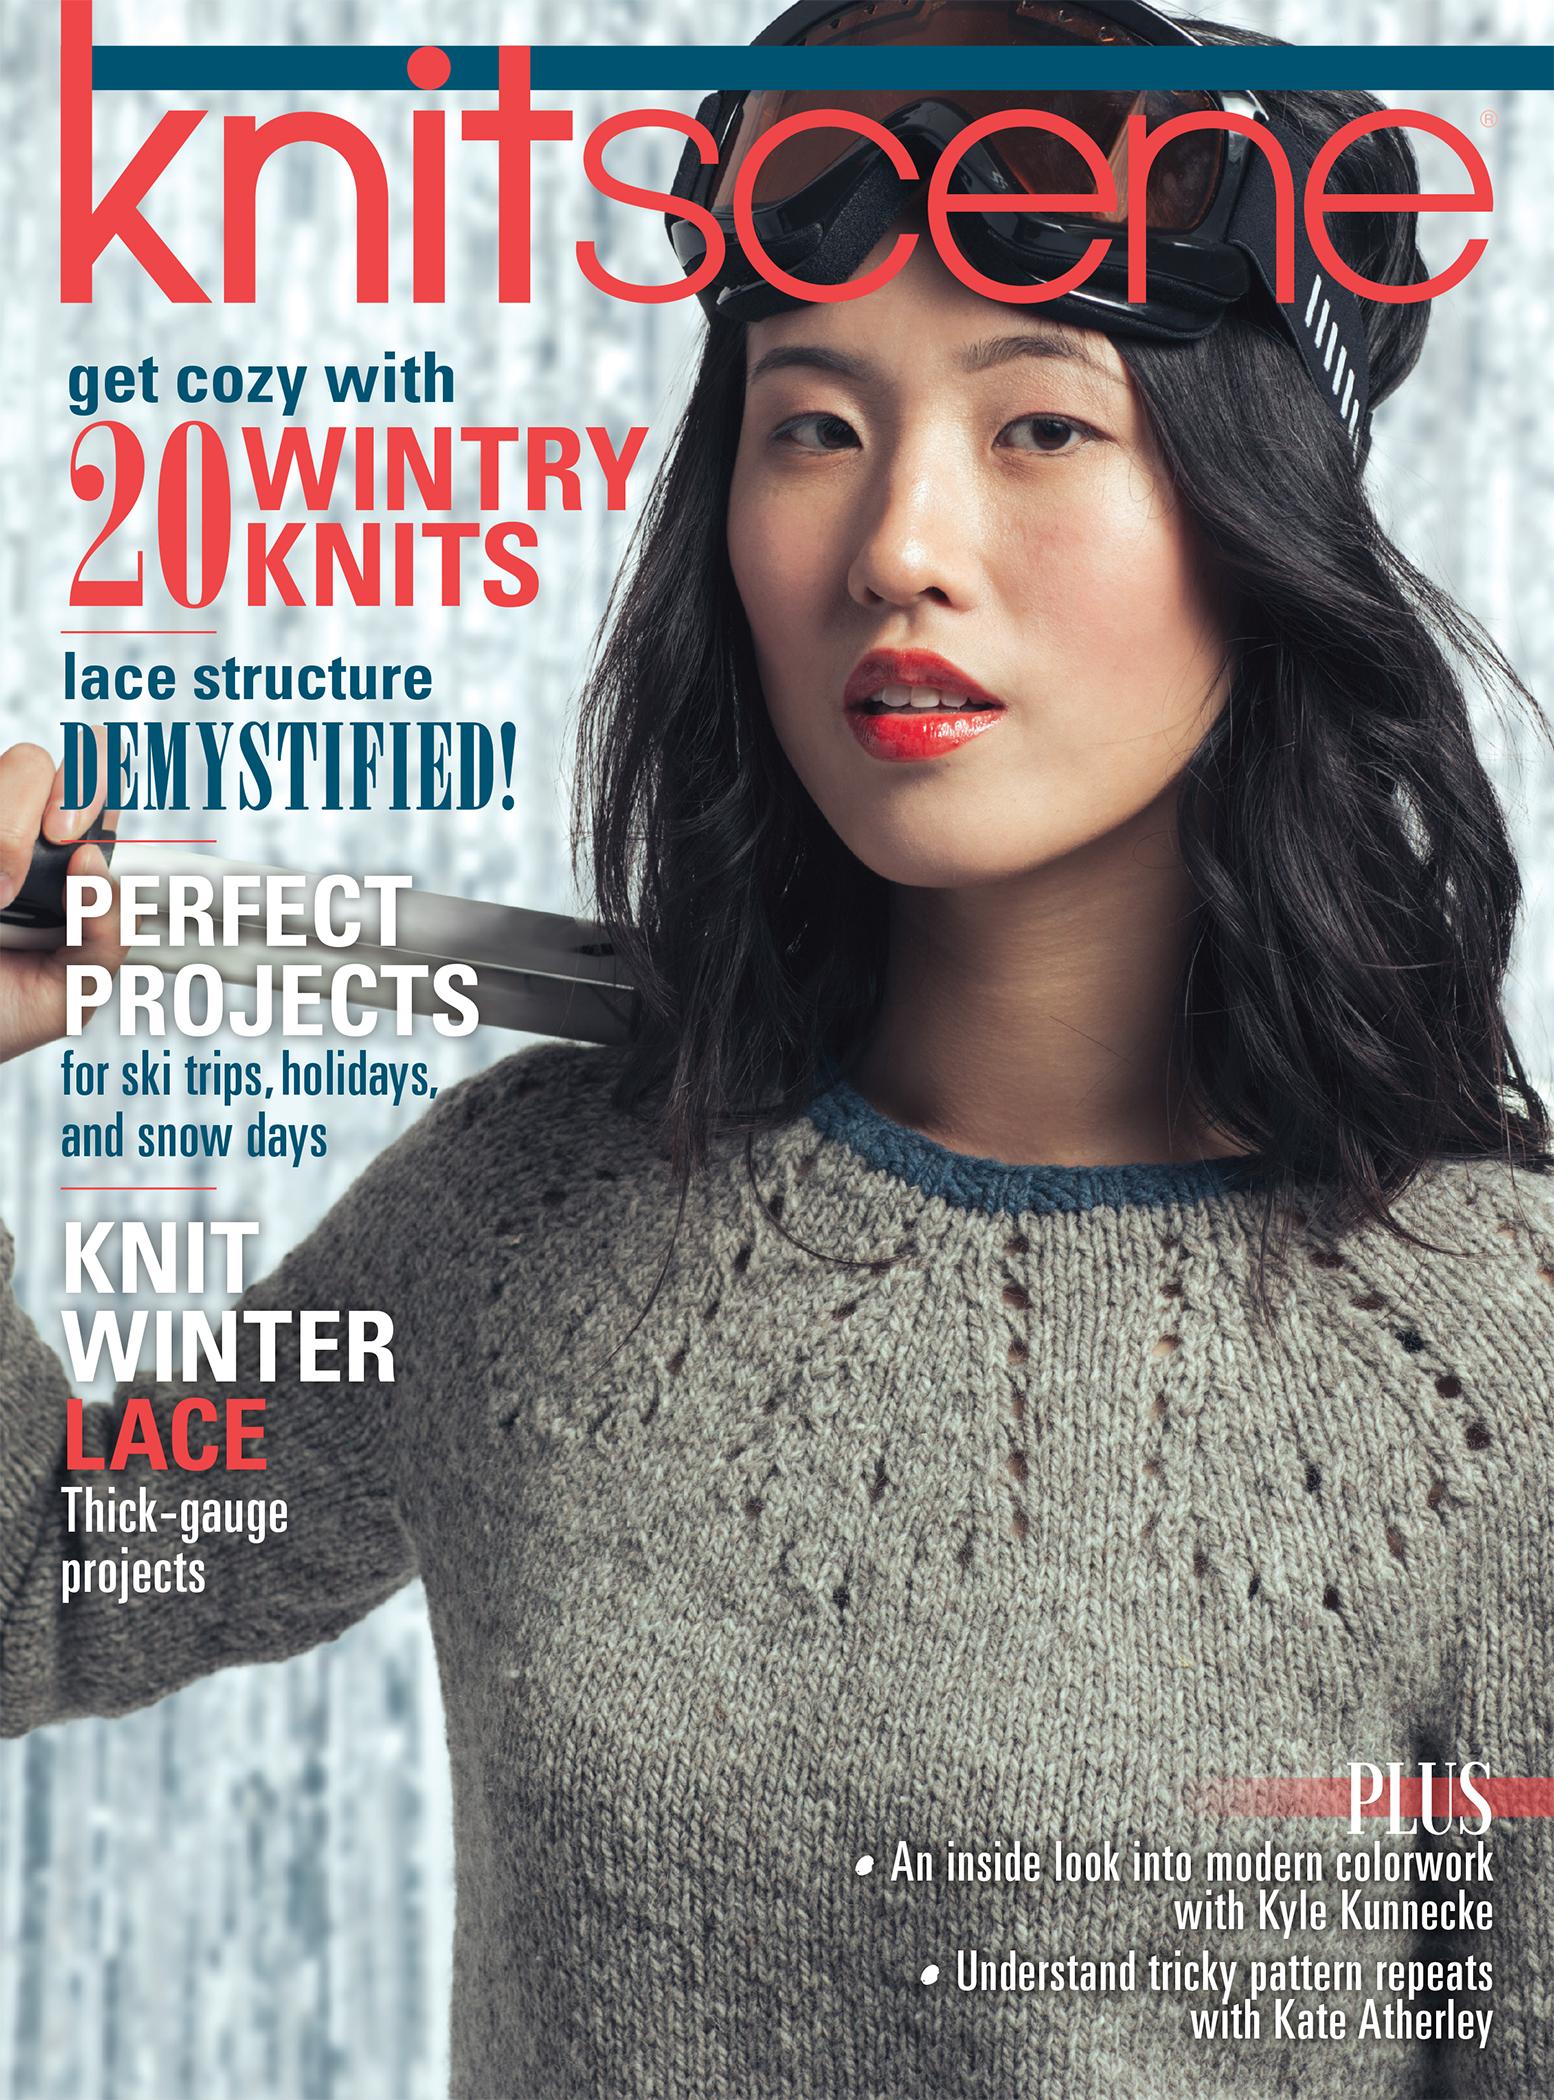 knitscene Winter 2016 cover